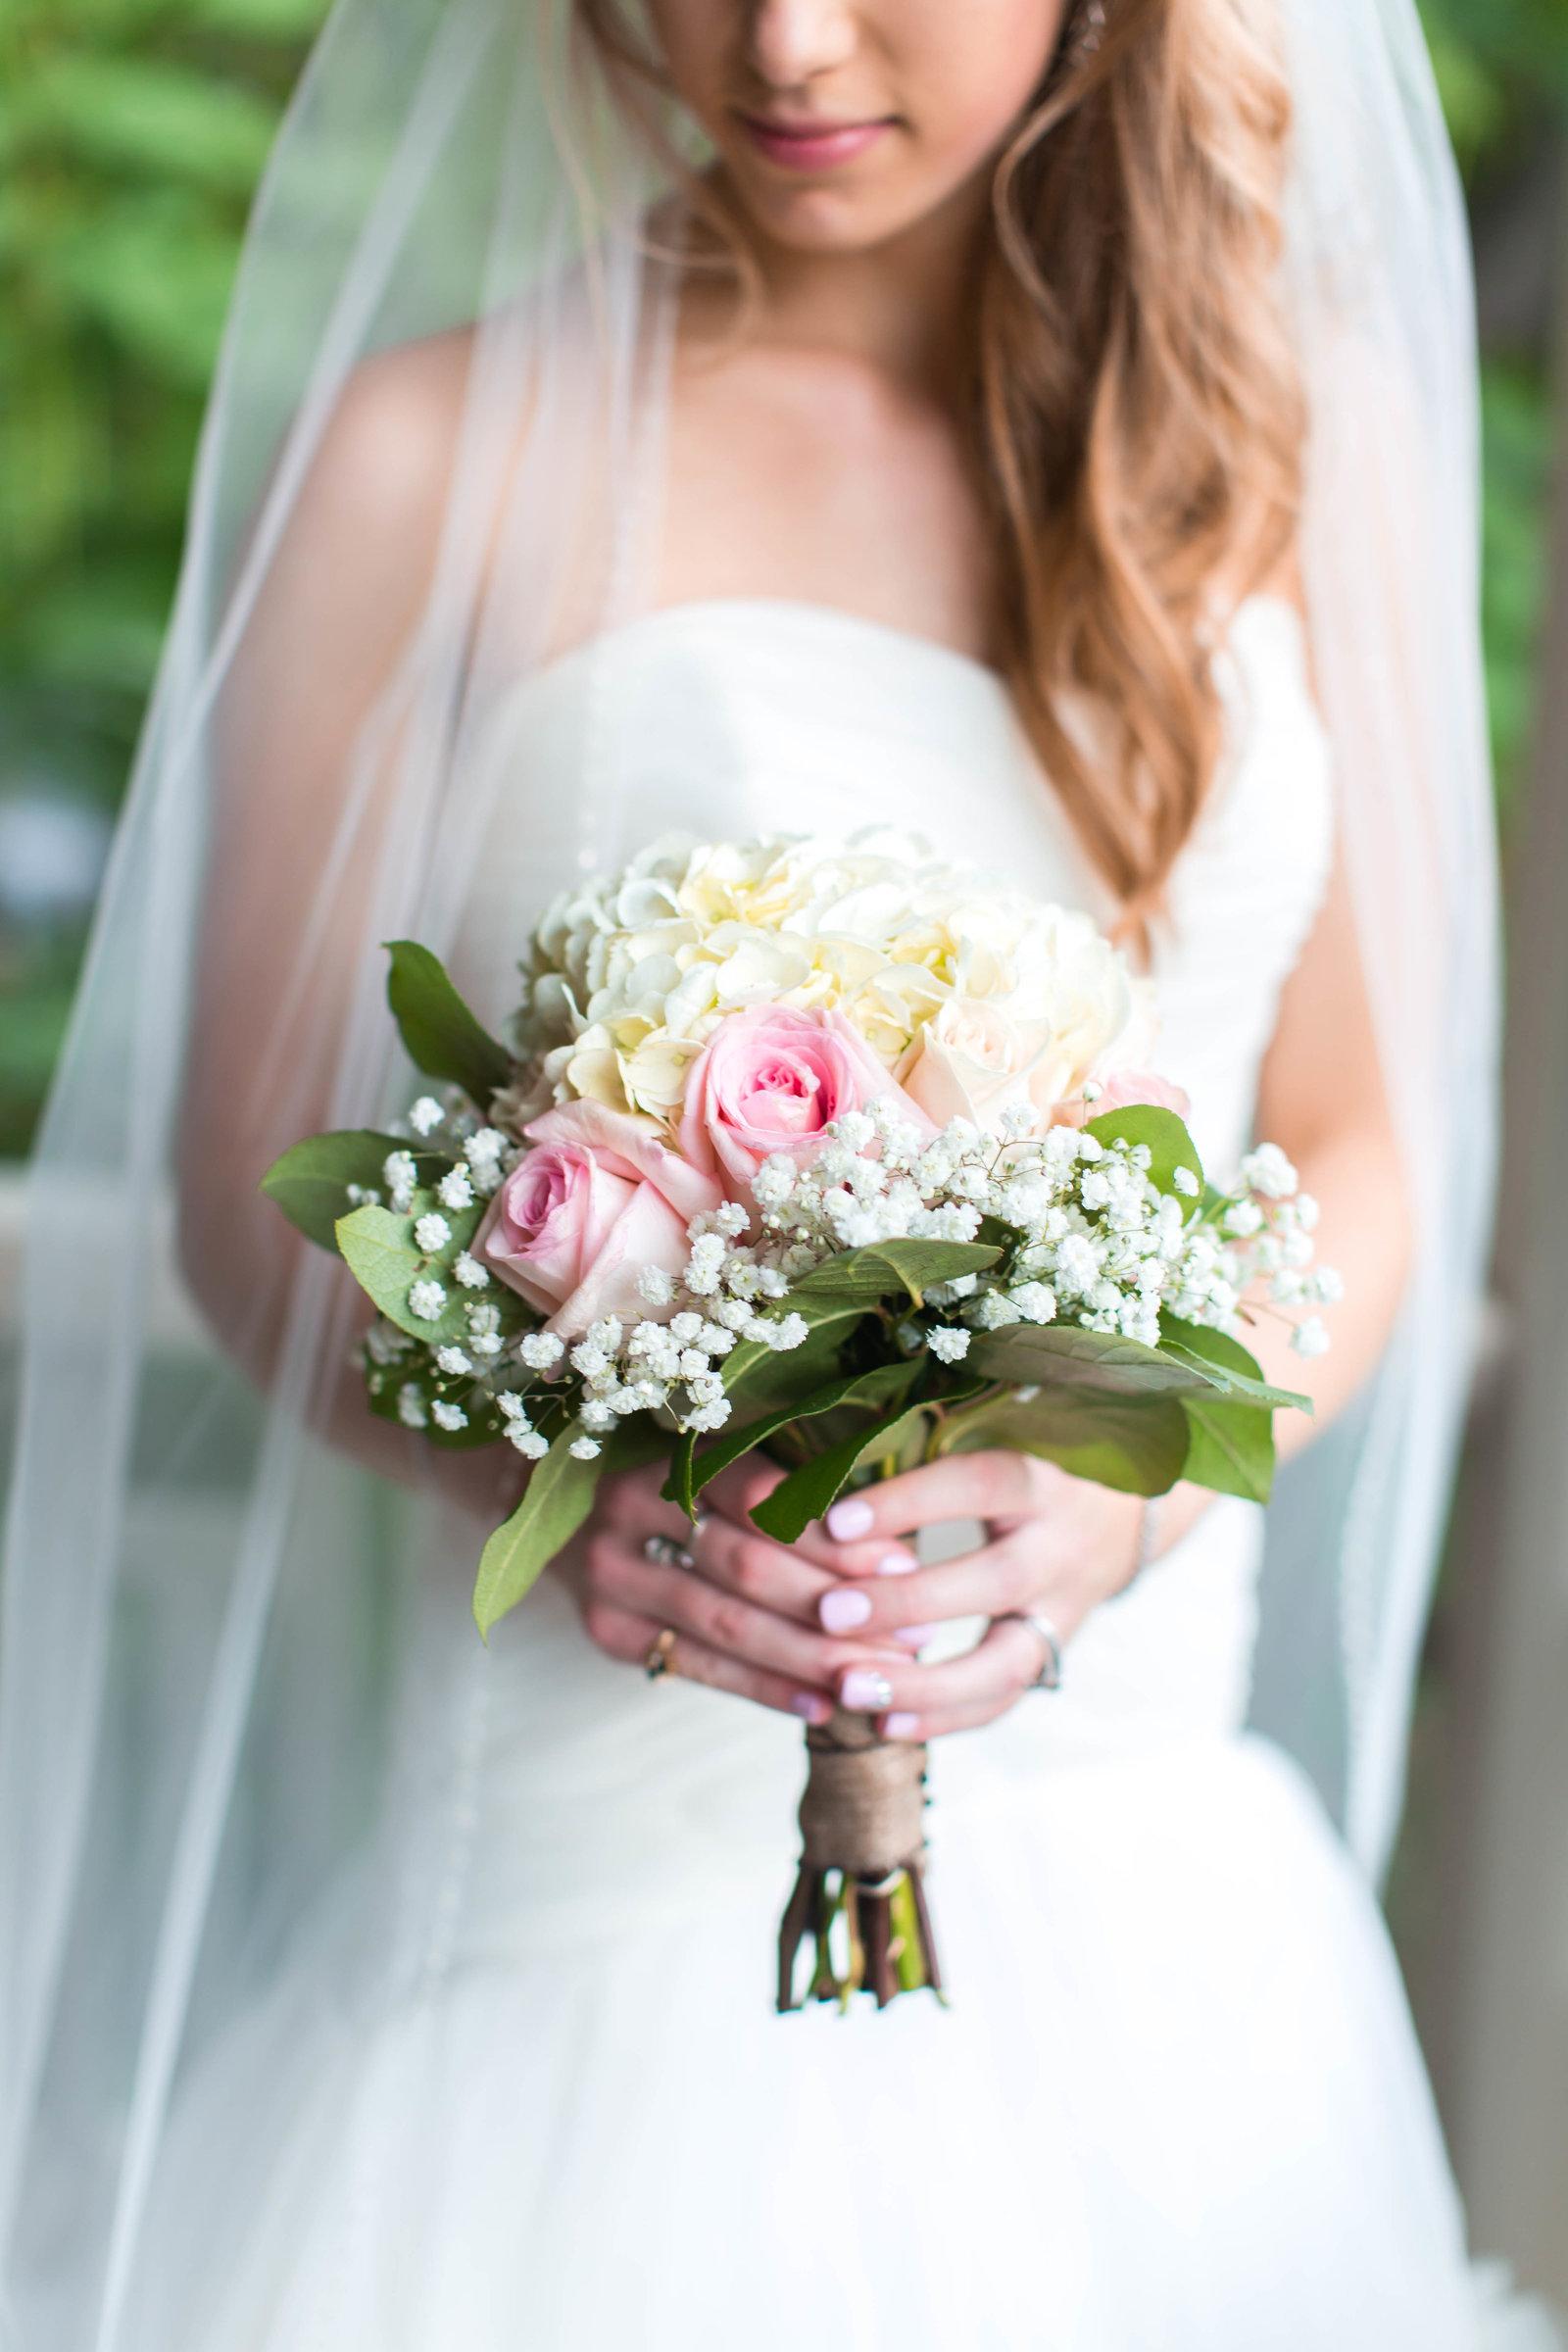 SM_WeddingsAE0A1037